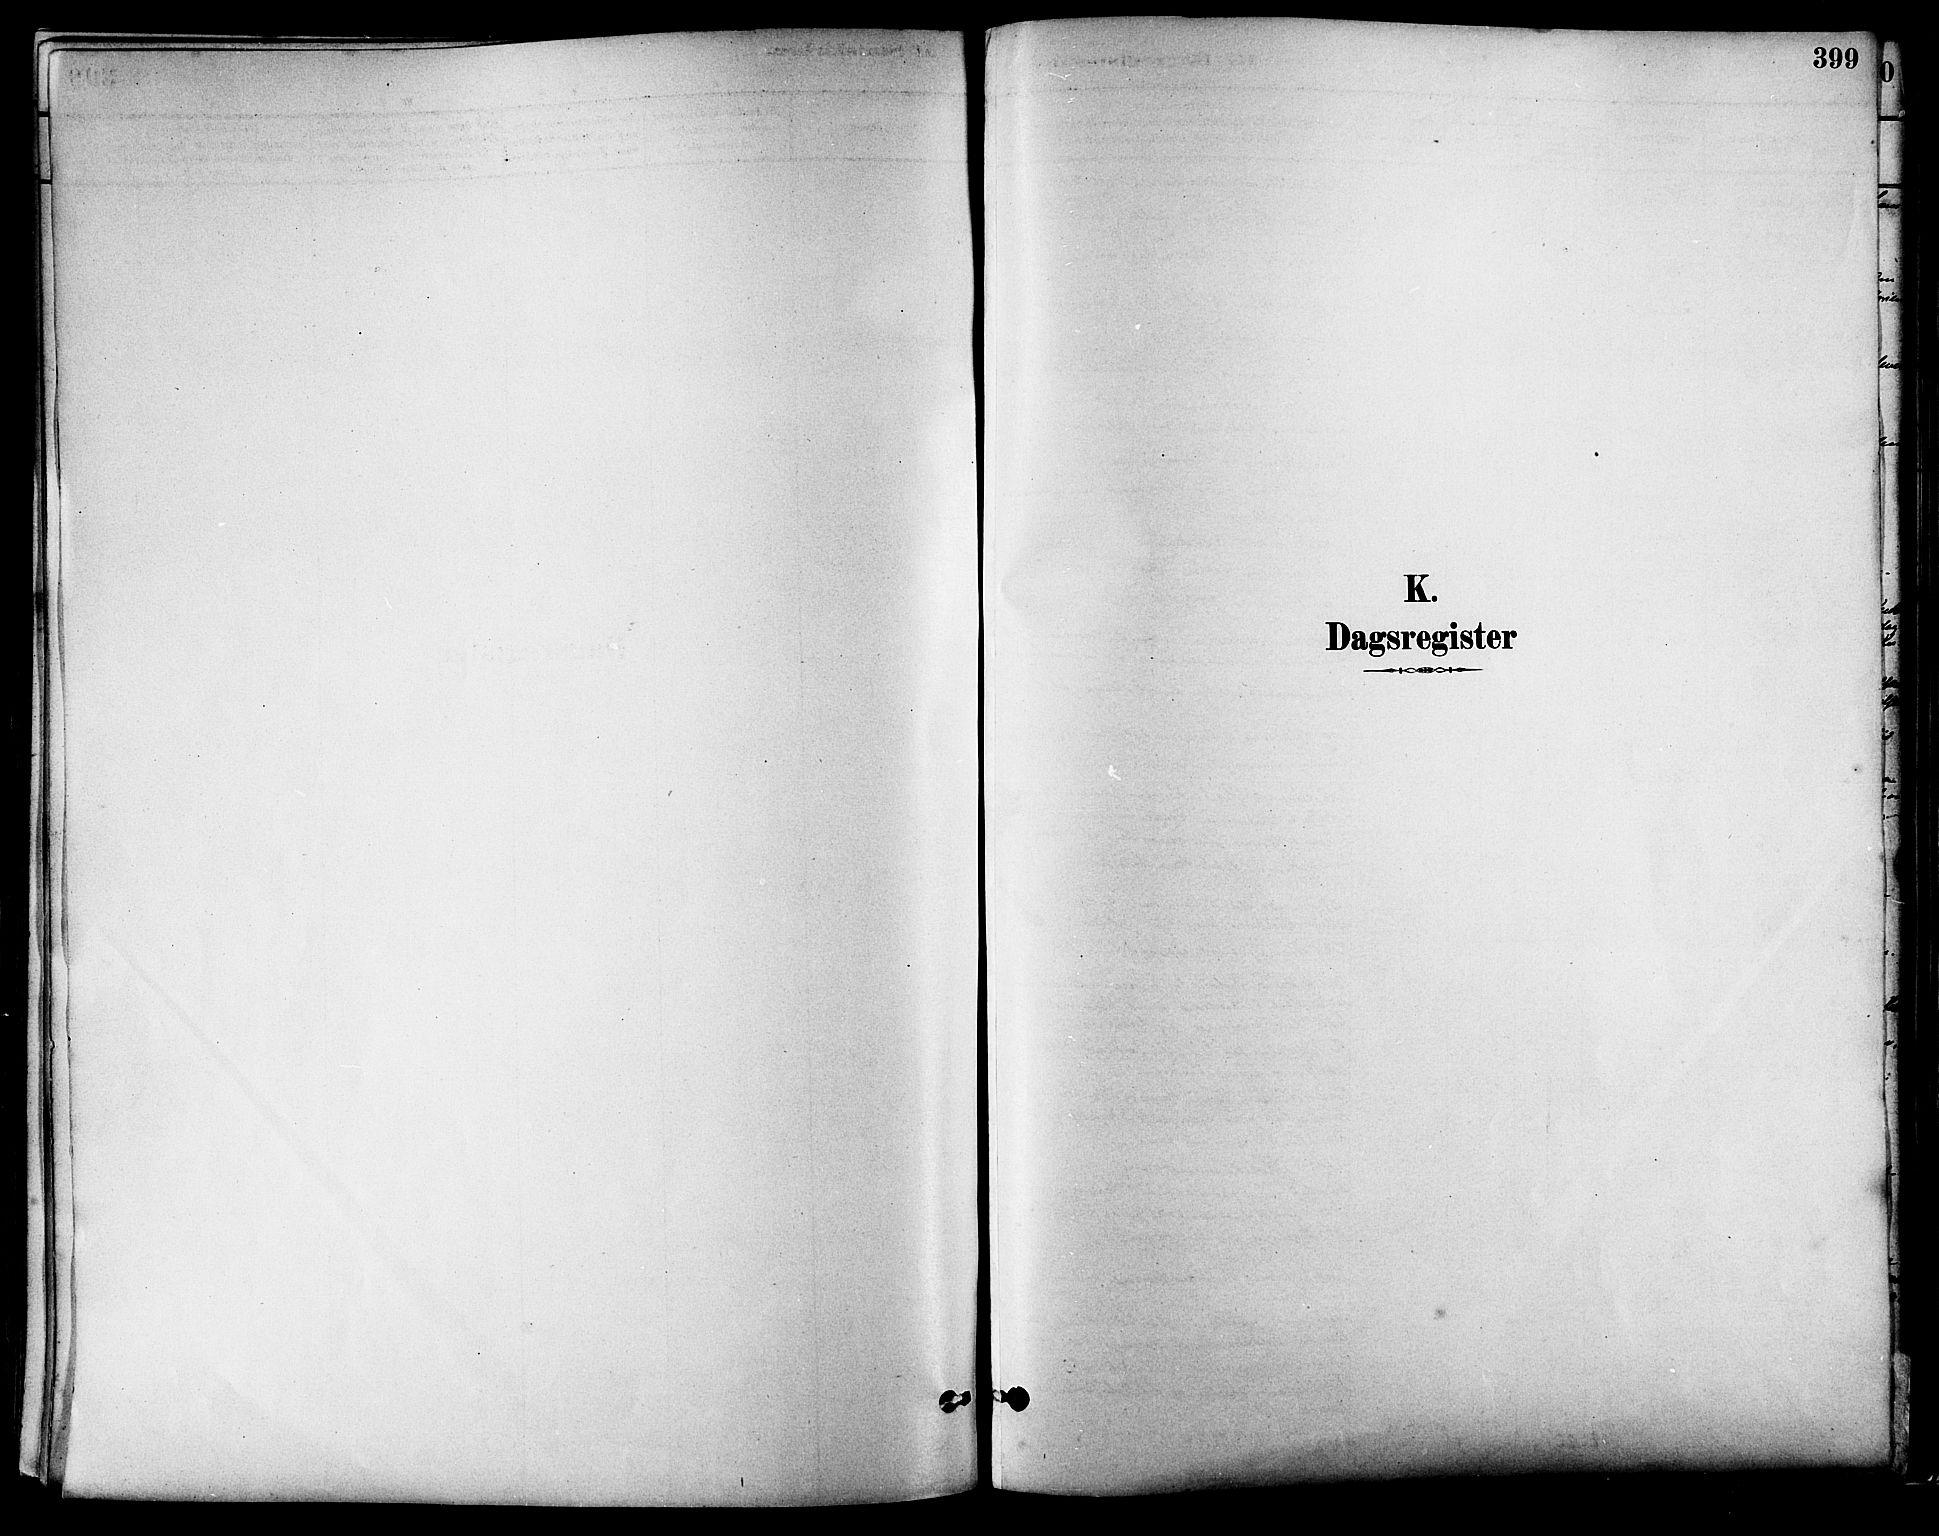 SAT, Ministerialprotokoller, klokkerbøker og fødselsregistre - Sør-Trøndelag, 630/L0496: Ministerialbok nr. 630A09, 1879-1895, s. 399